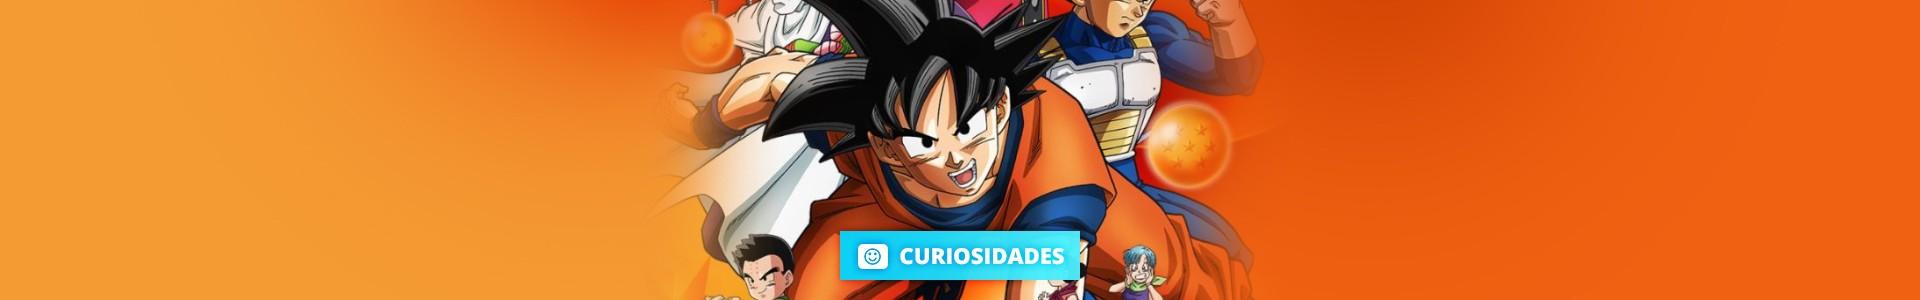 15 Curiosidades sobre Dragon Ball Super